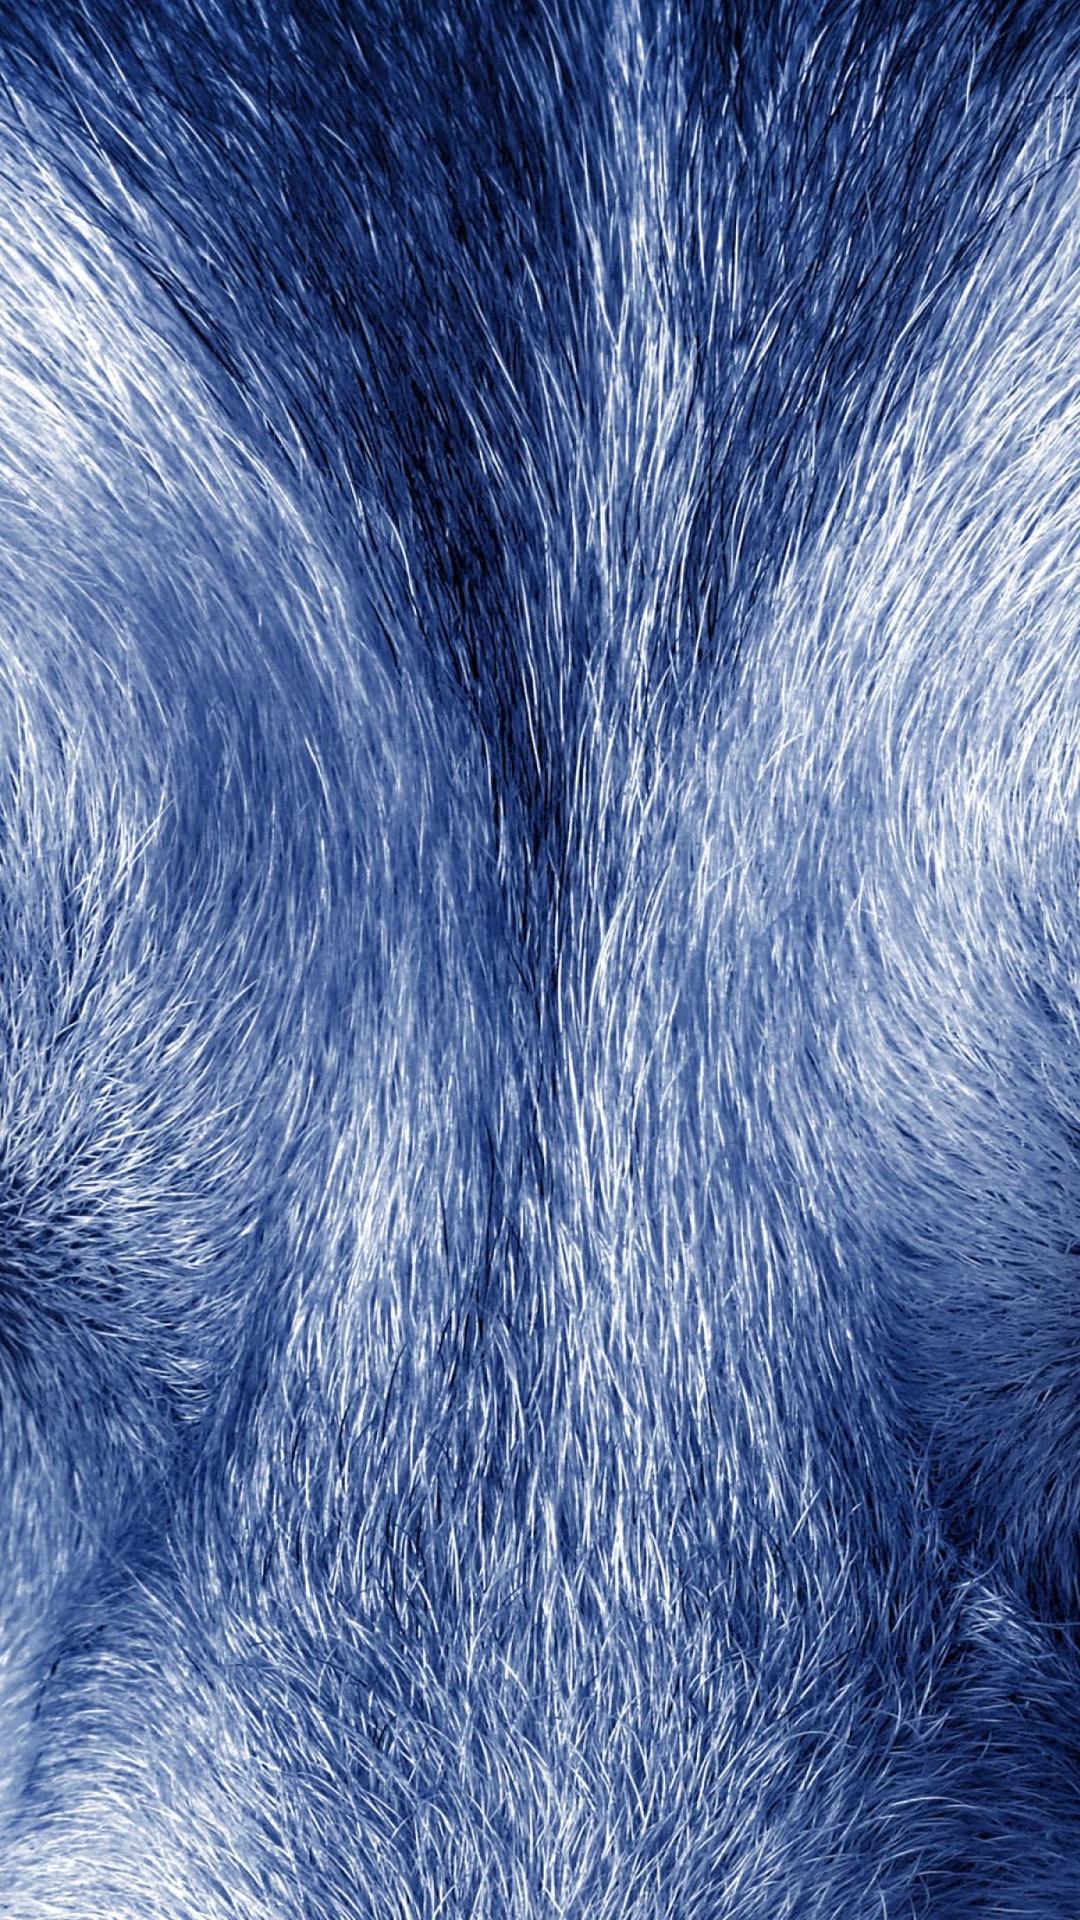 Soul of wolf 4K Ultra HD wallpaper 4k WallpaperNet 1080x1920